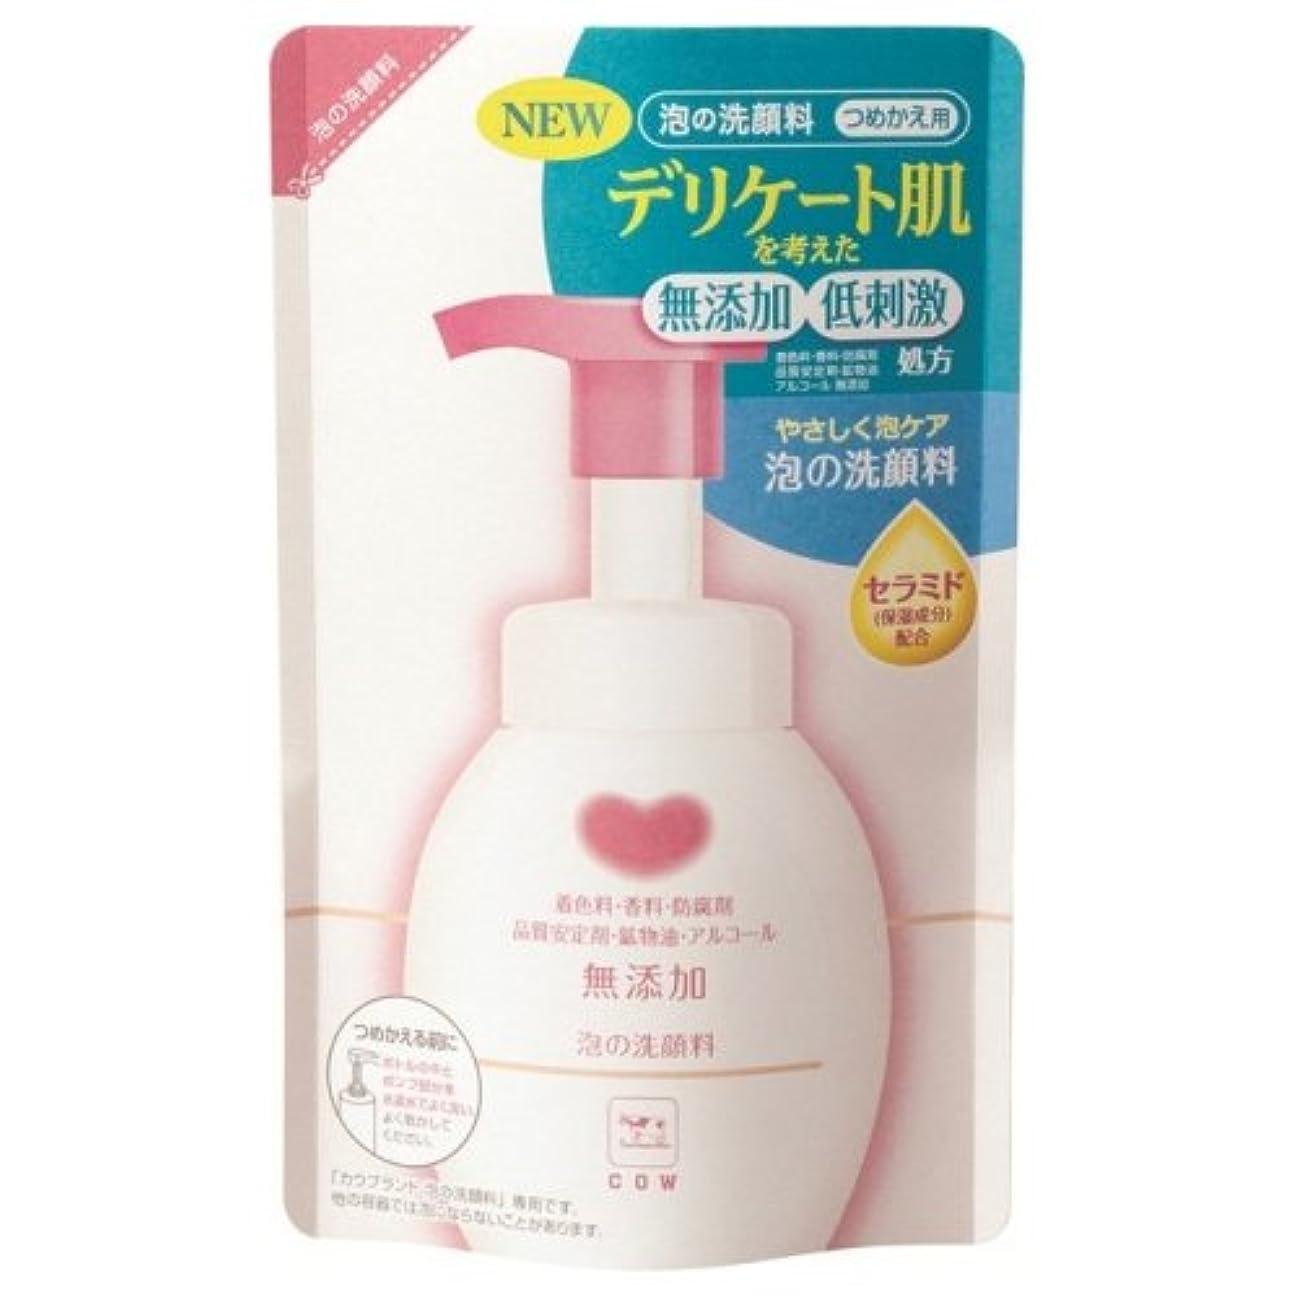 印をつけるパウダー簡単なカウブランド無添加泡の洗顔料 詰替用